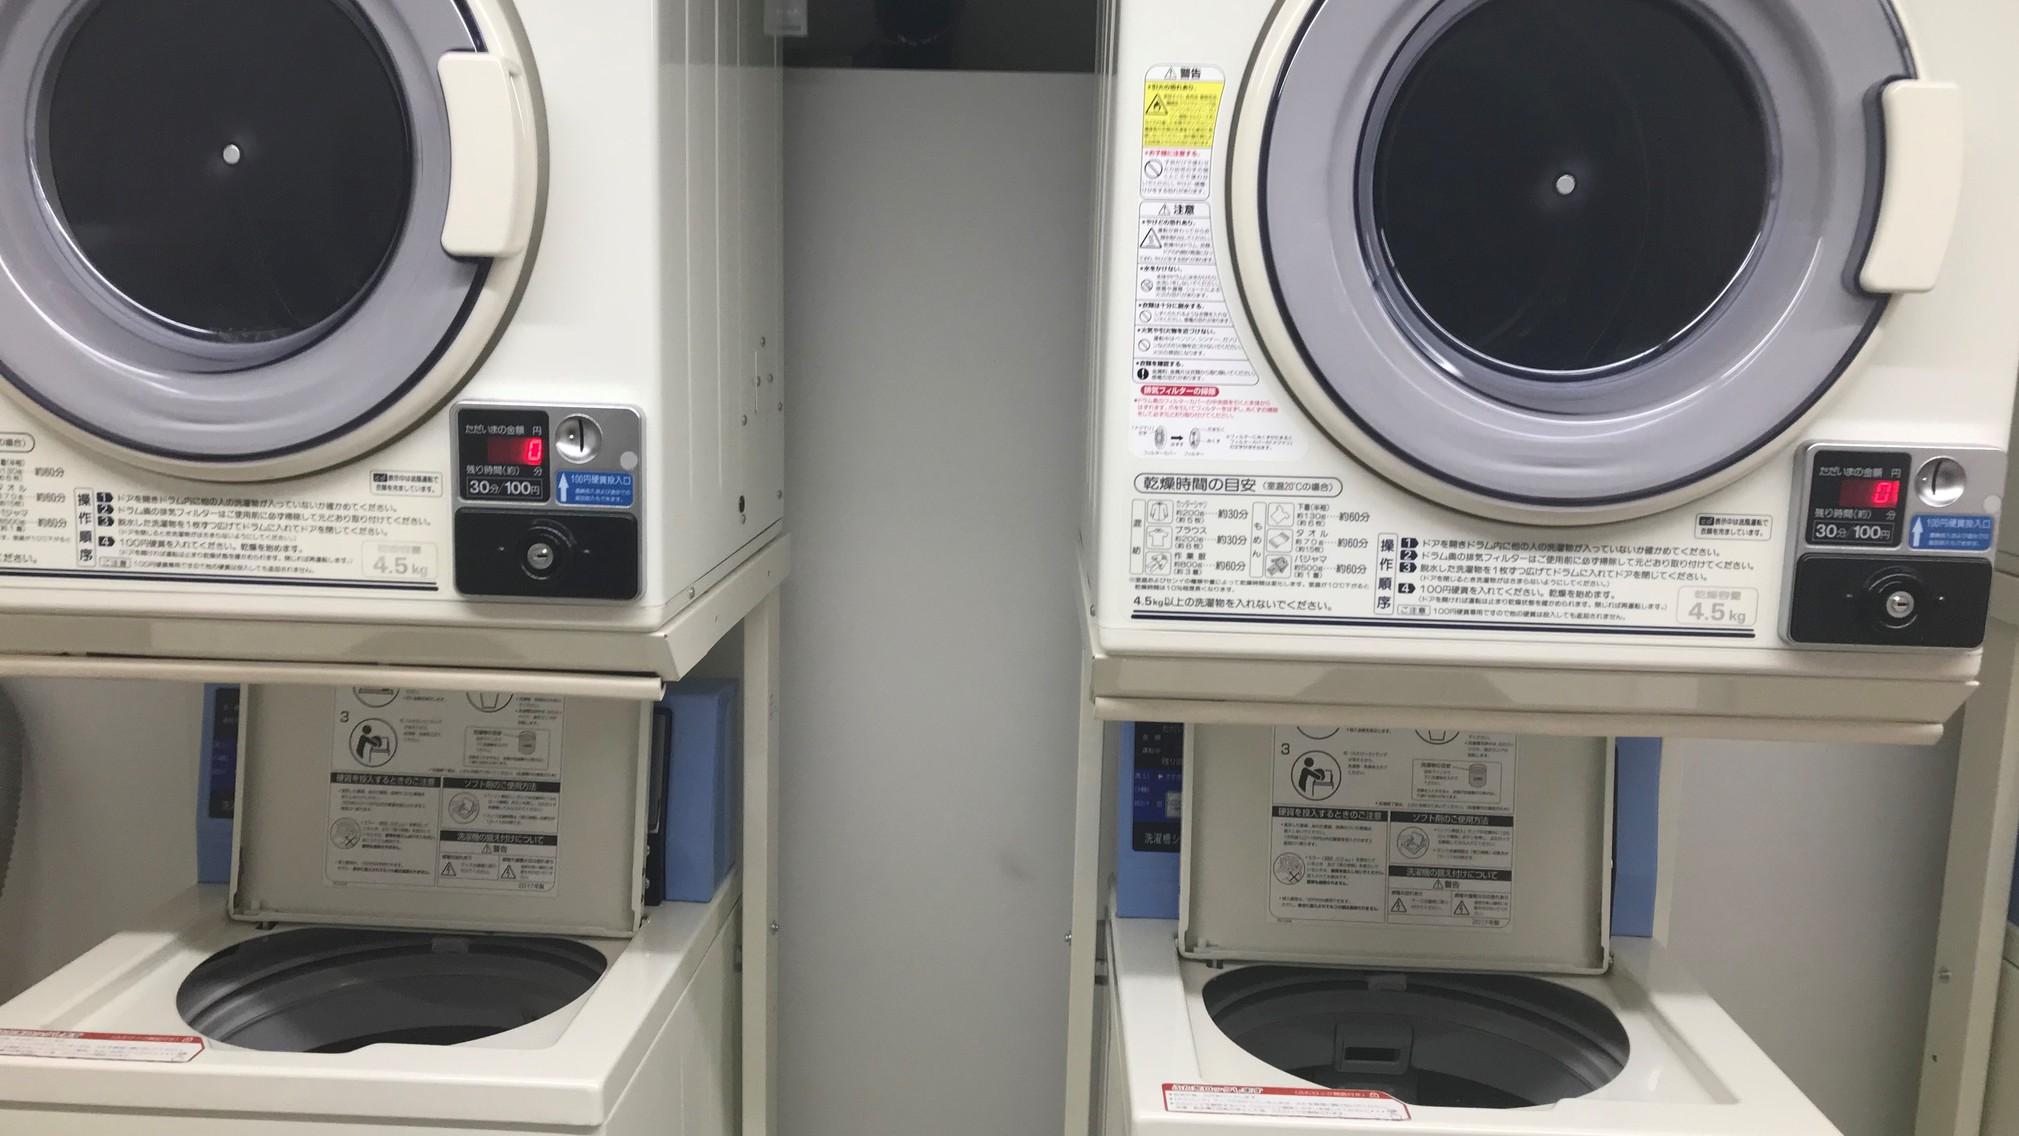 洗濯300円 (1回)/乾燥機100円 (30分)